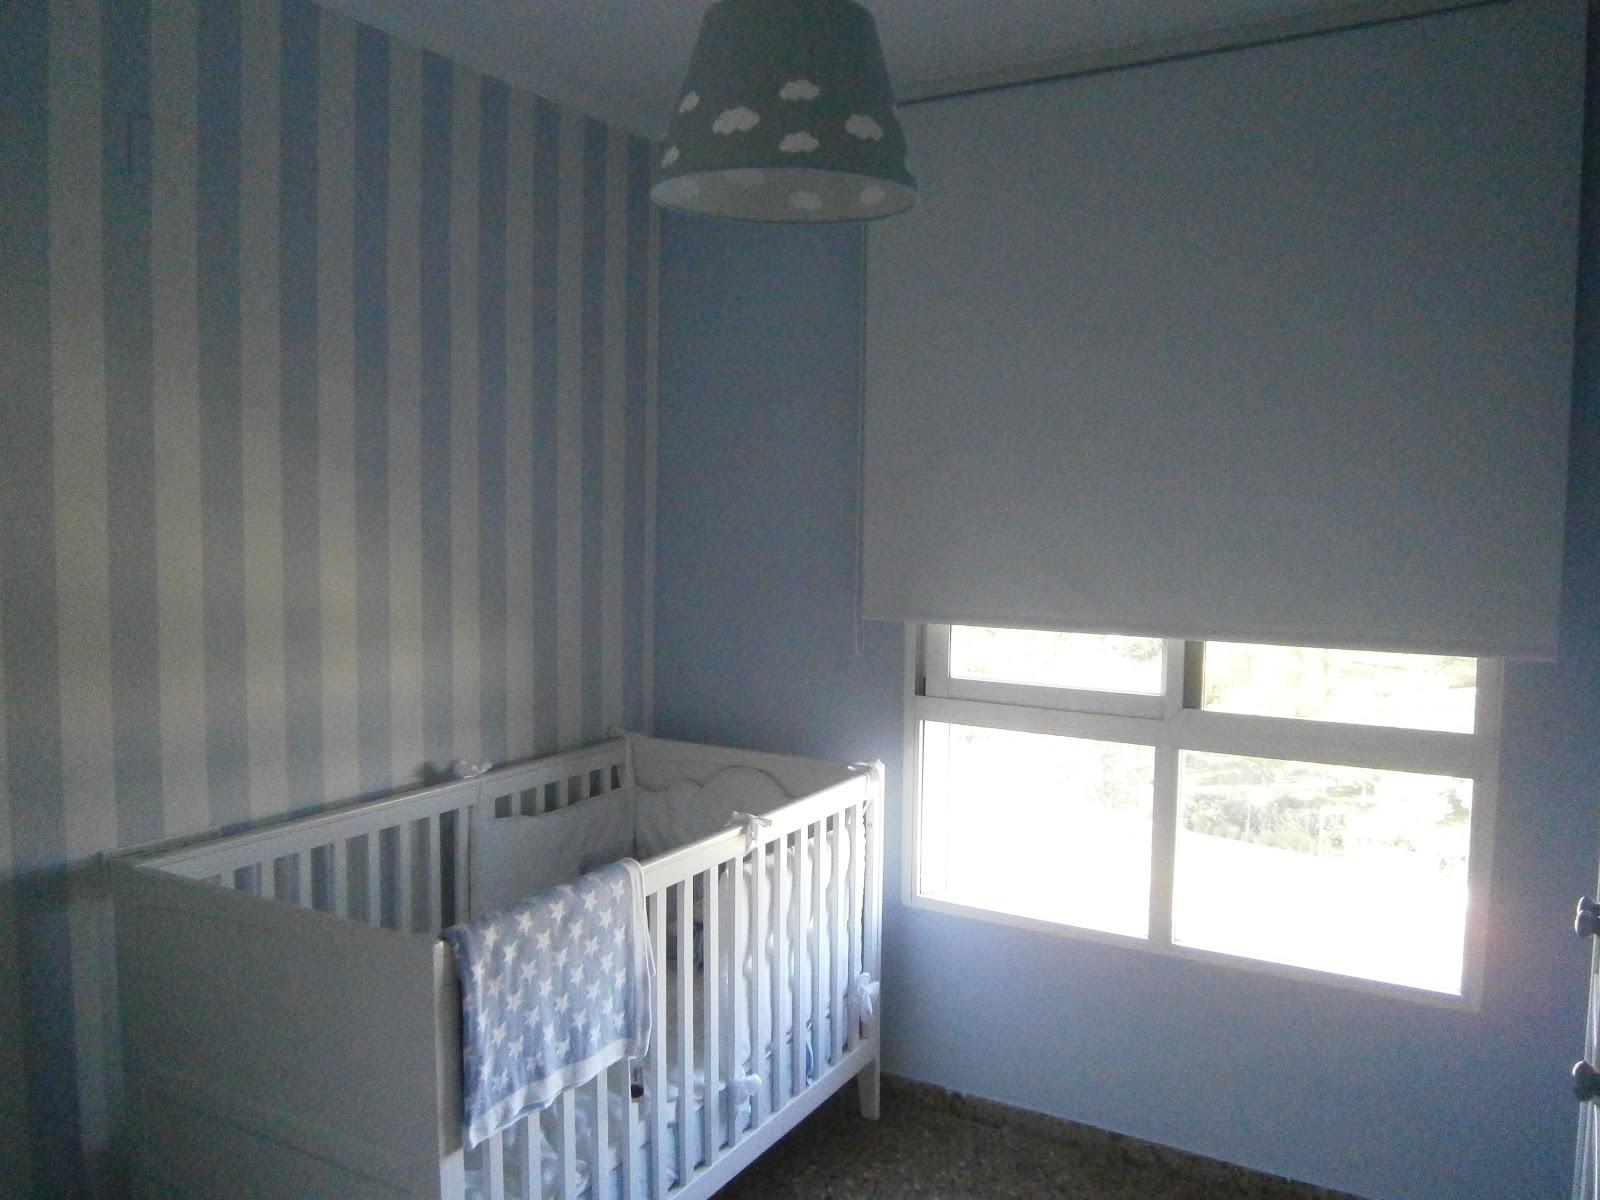 Diario de una madre inexperta amueblar una habitacion de - Iluminacion habitacion bebe ...